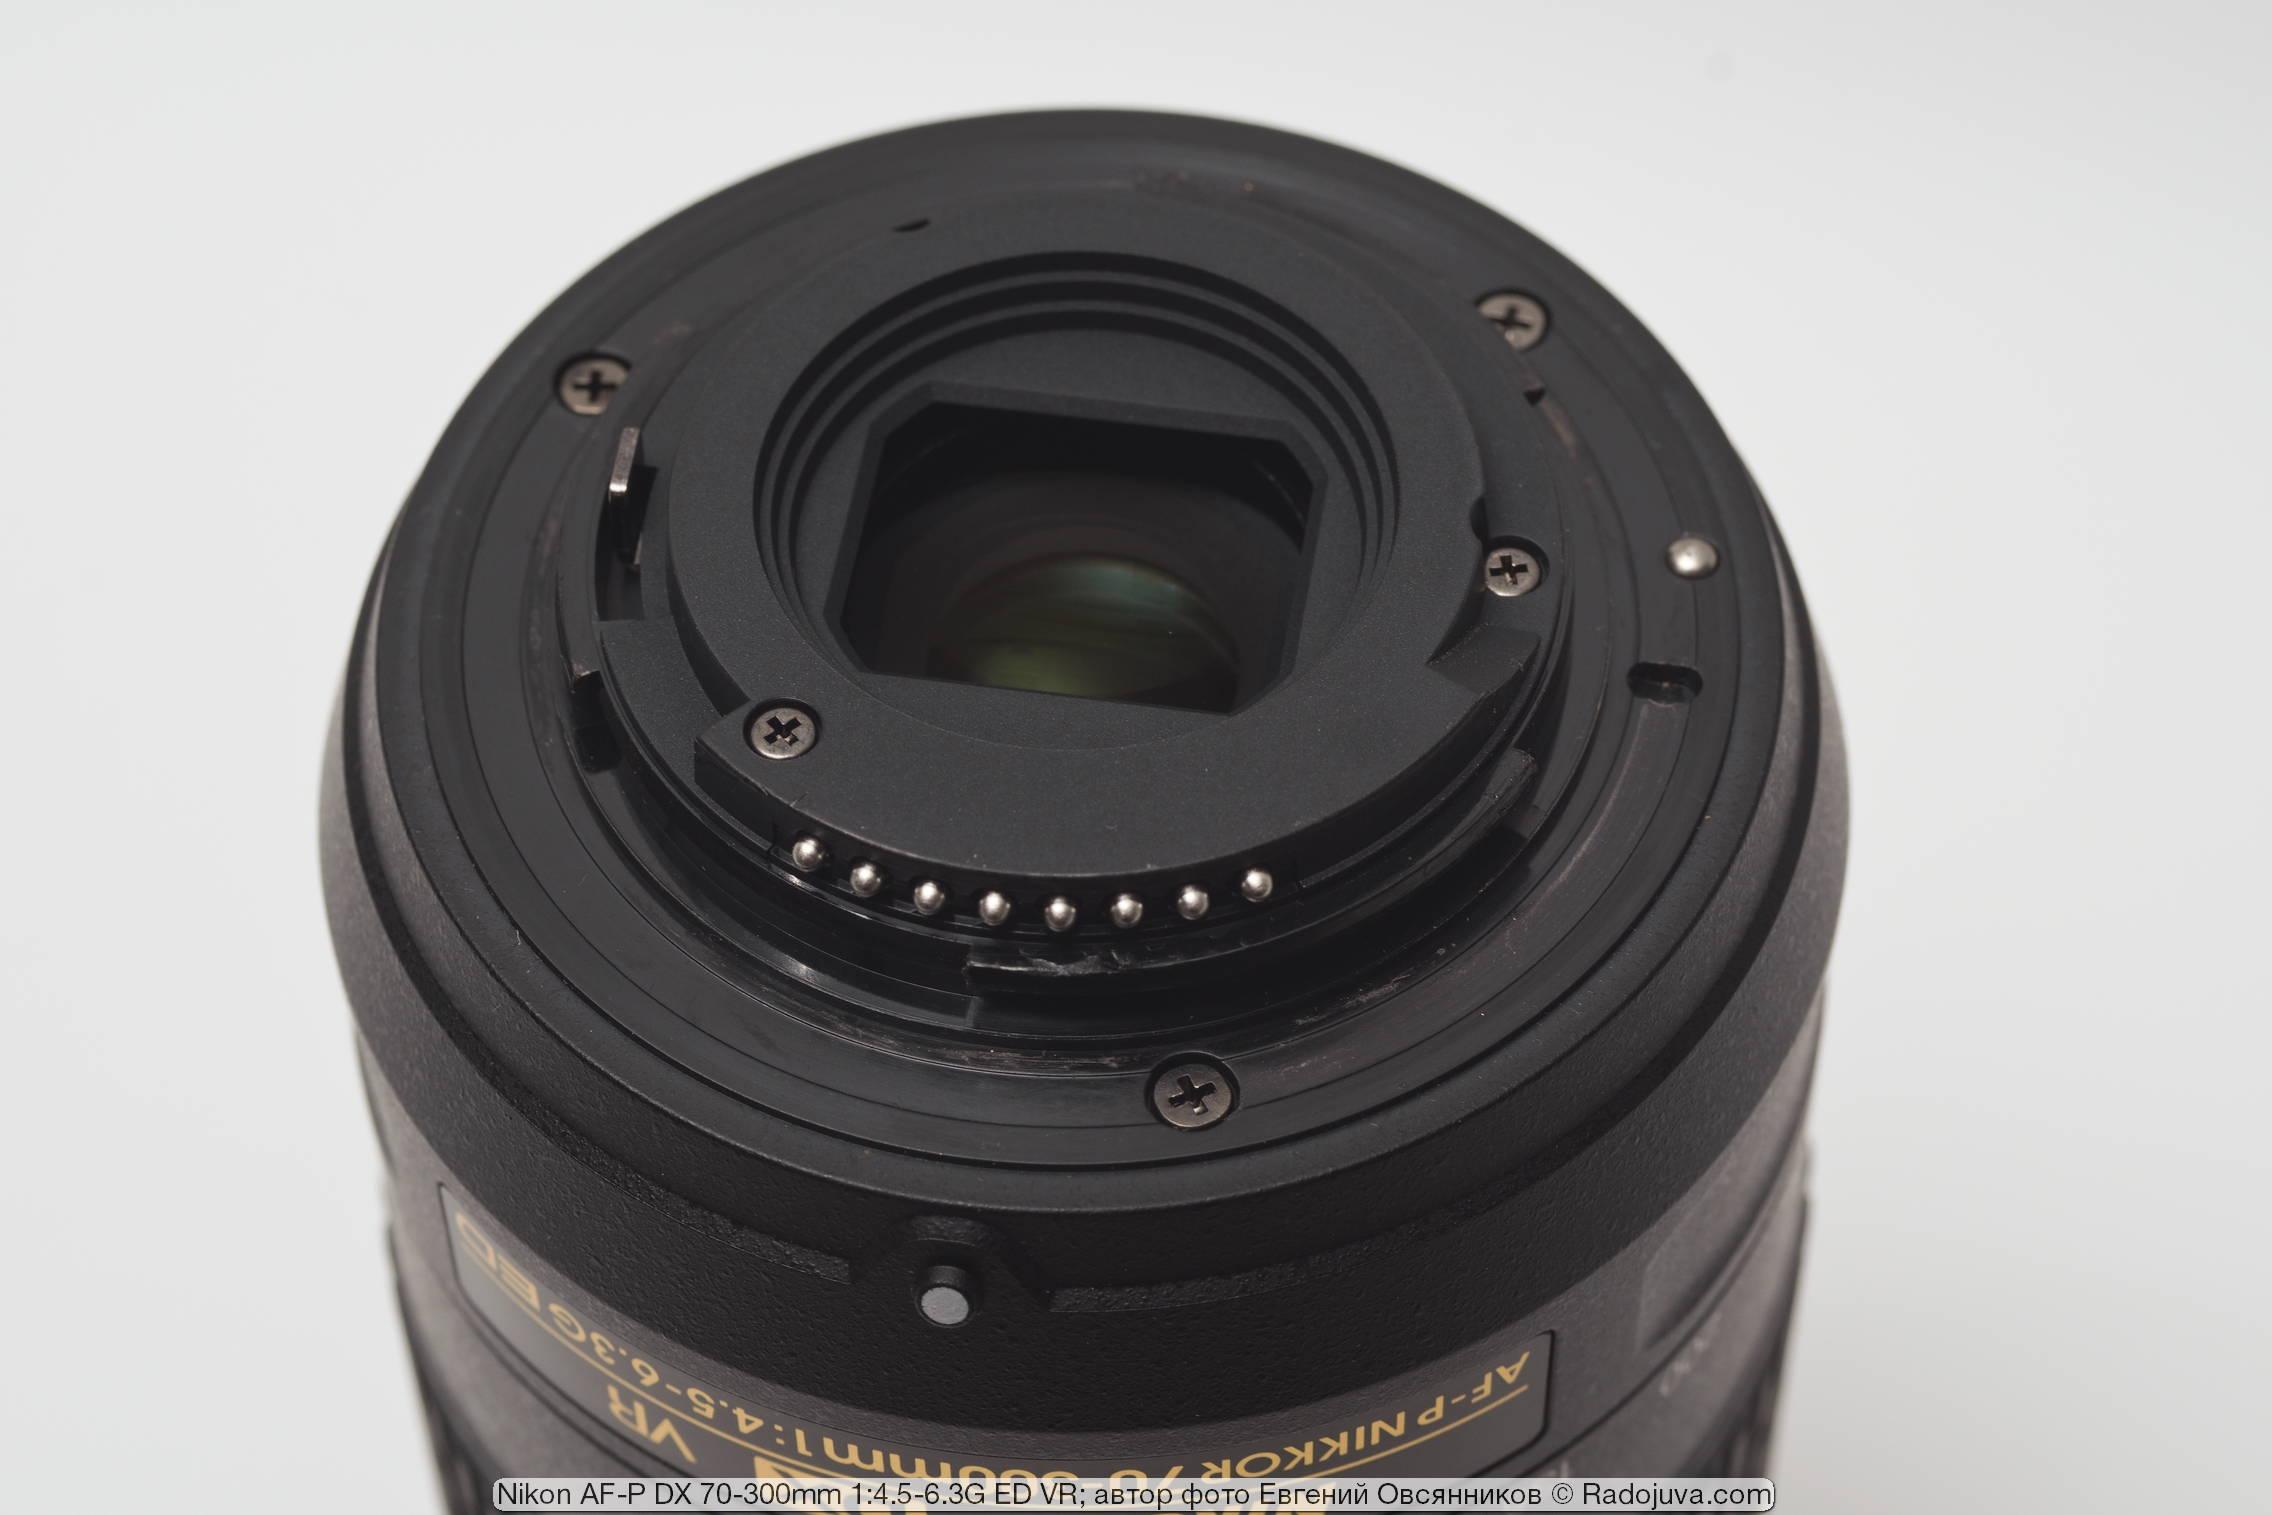 Nikon AF-P DX 70-300mm 1: 4.5-6.3G ED VR